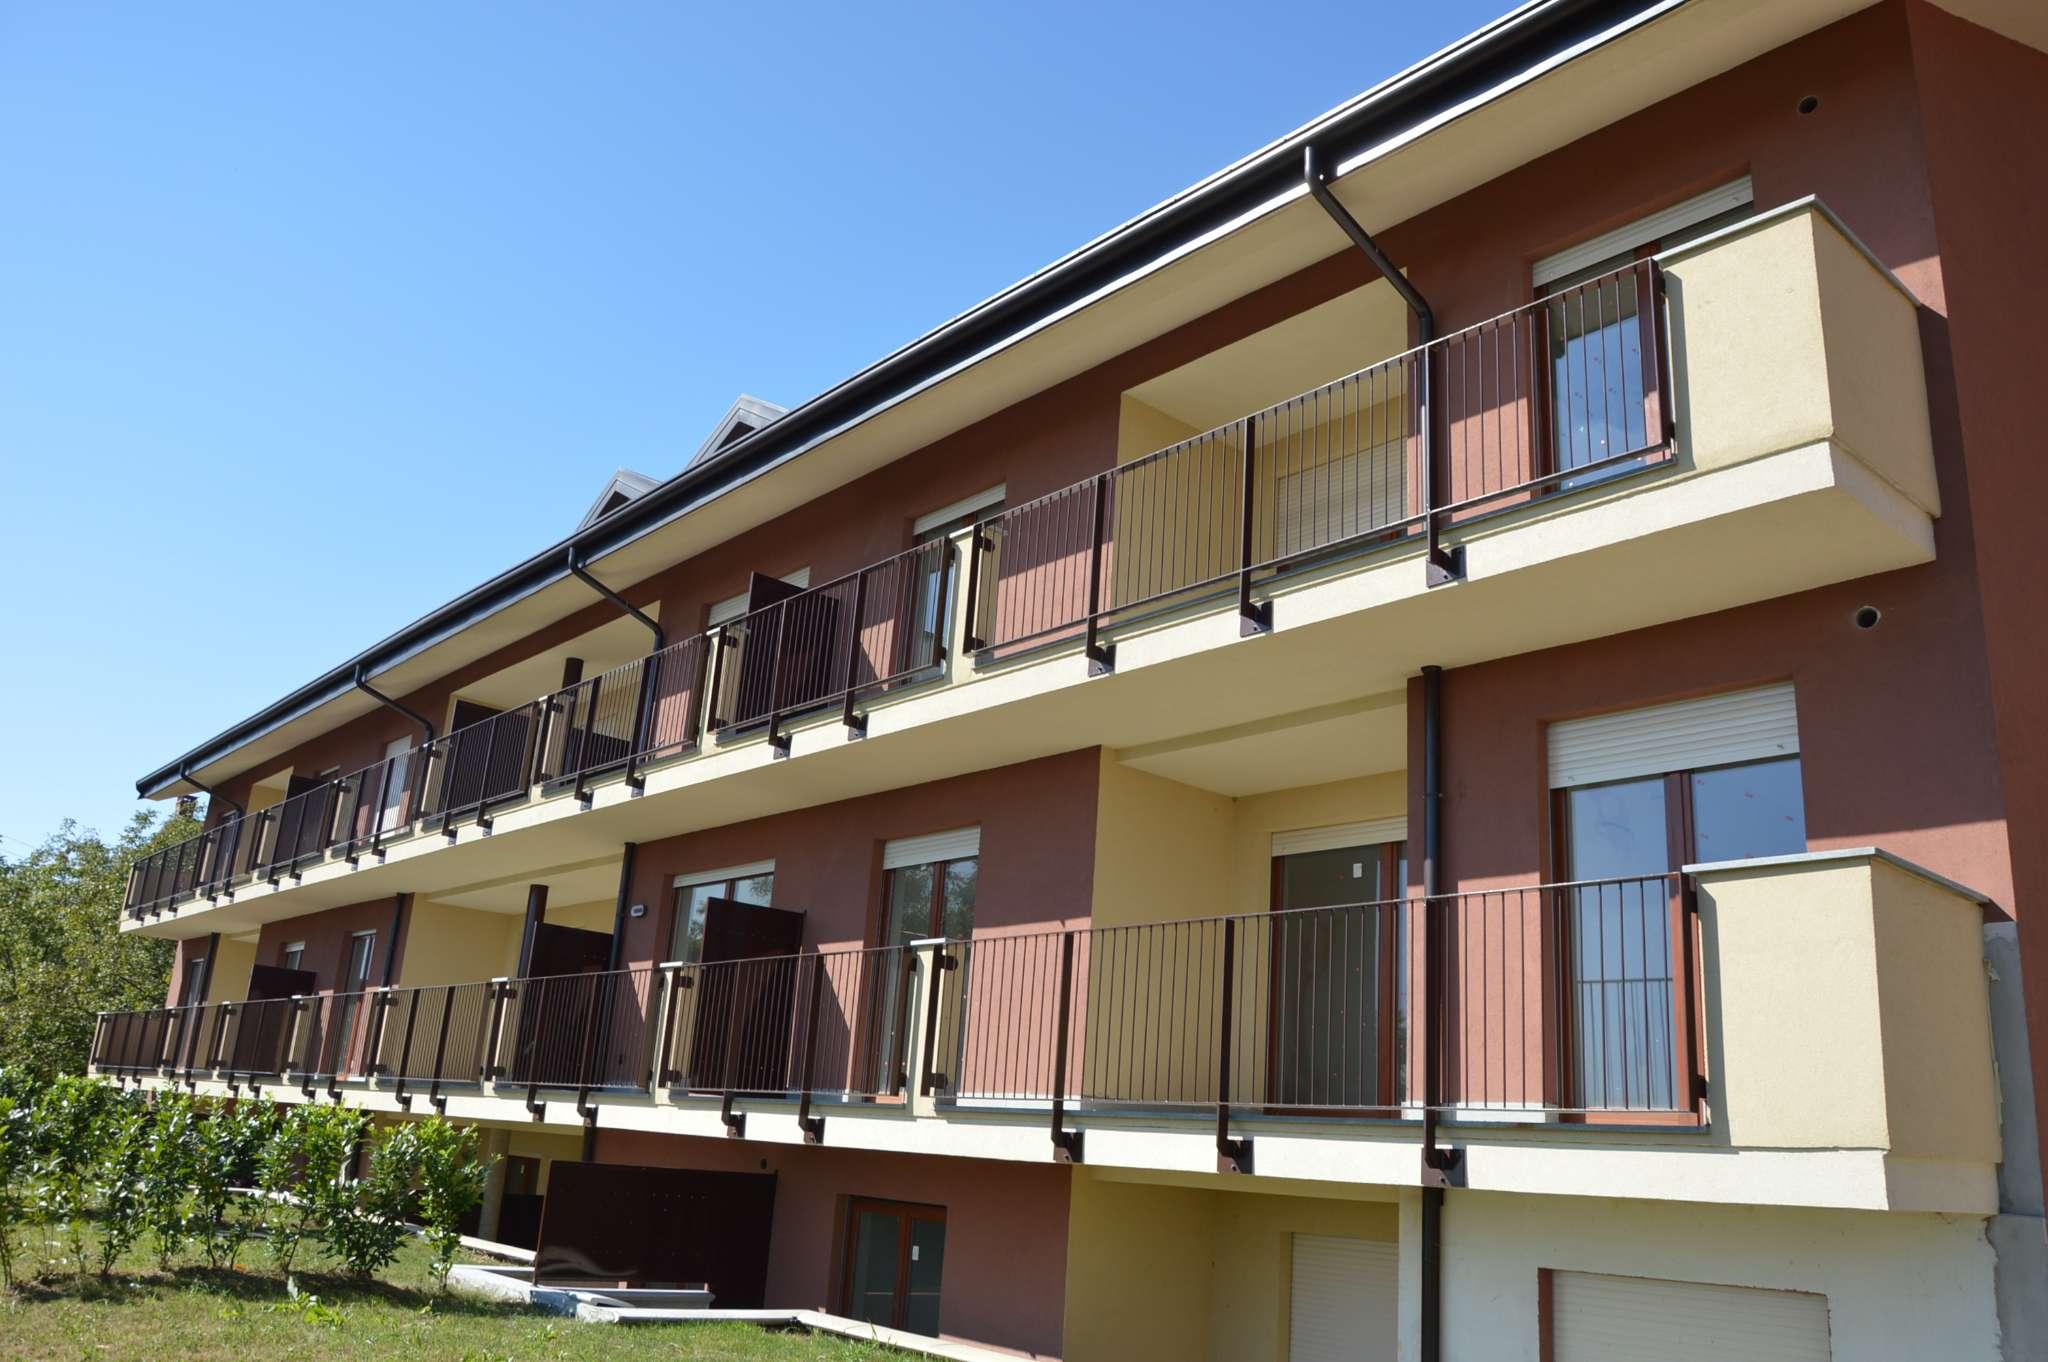 Appartamento in vendita a Pino Torinese, 5 locali, prezzo € 270.000 | PortaleAgenzieImmobiliari.it